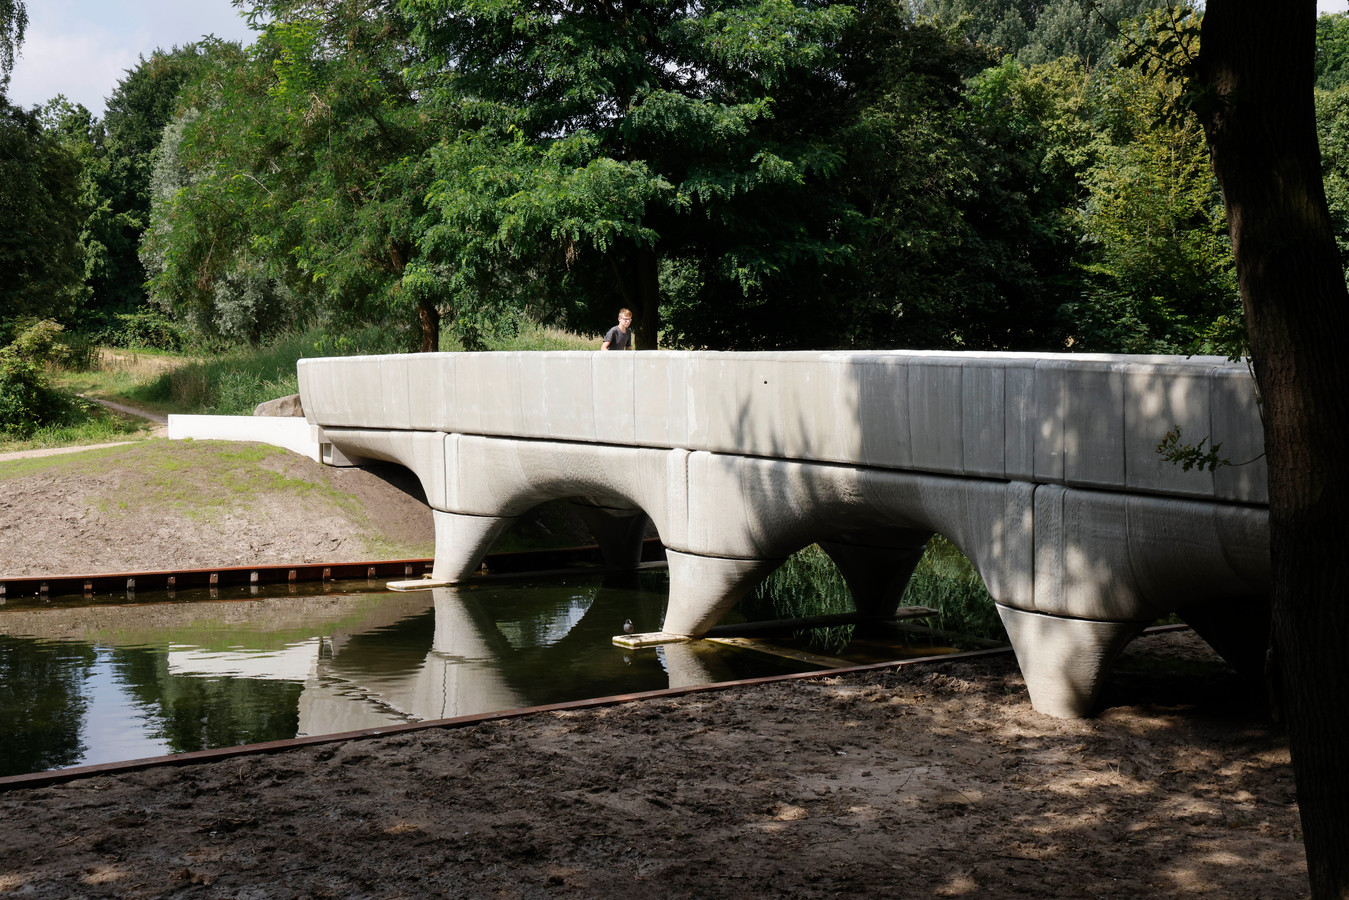 Een fietser gaat over de nieuwe brug in Zwanenveld. De betonnen brug is gemaakt met een 3D-printer.